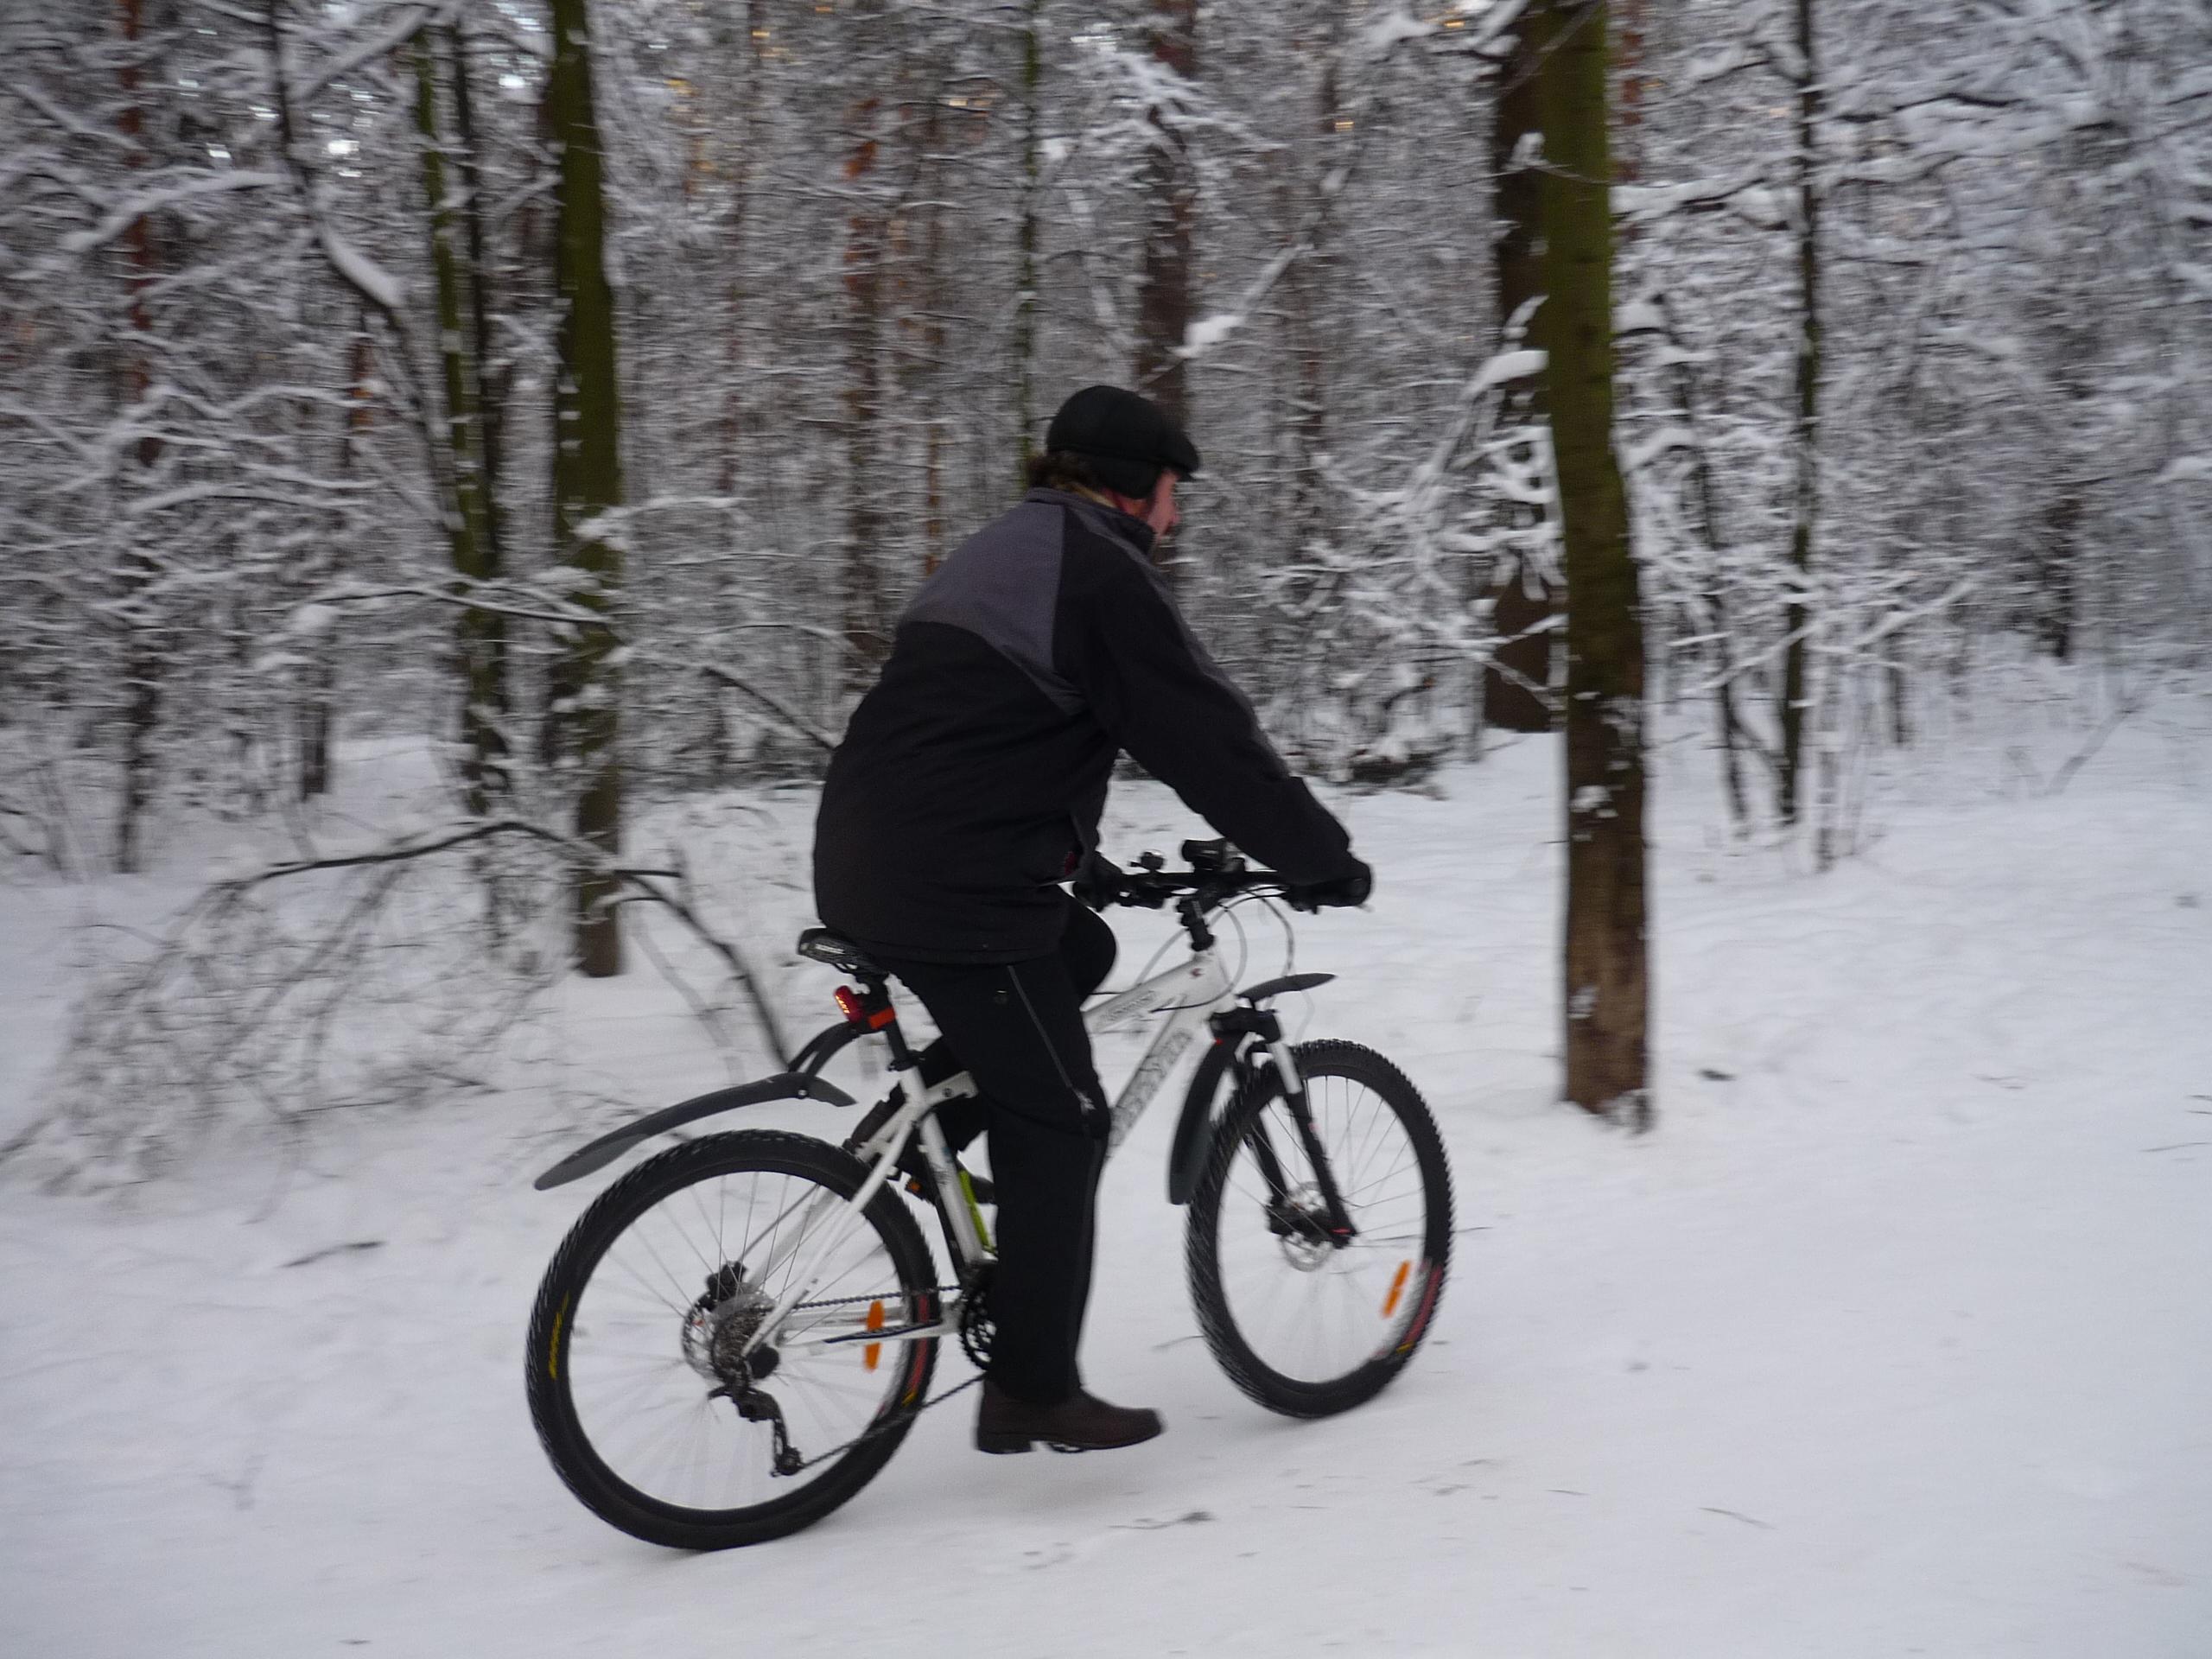 Прикольные картинки про велосипеды зимой